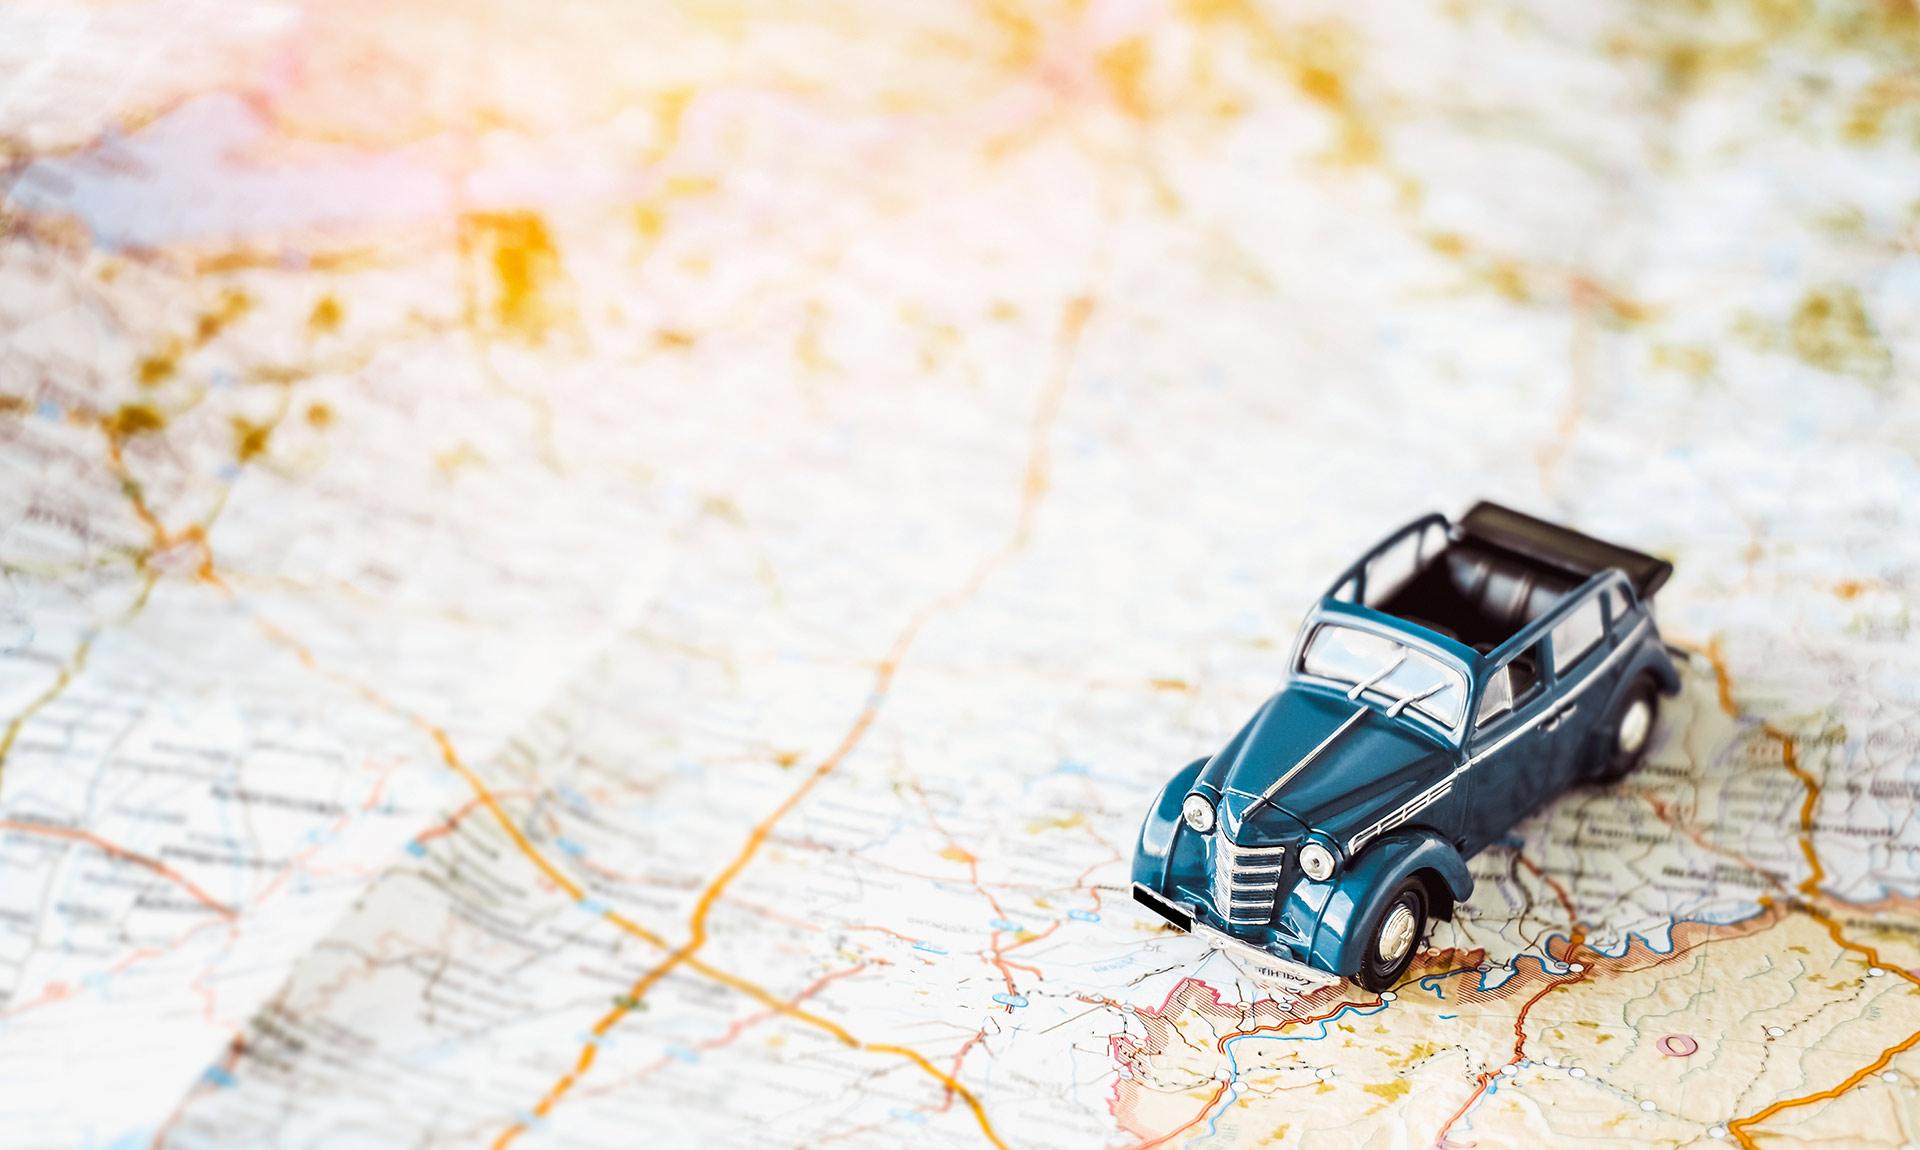 Tavola S.p.A. - I brand della linea cura dell'auto.